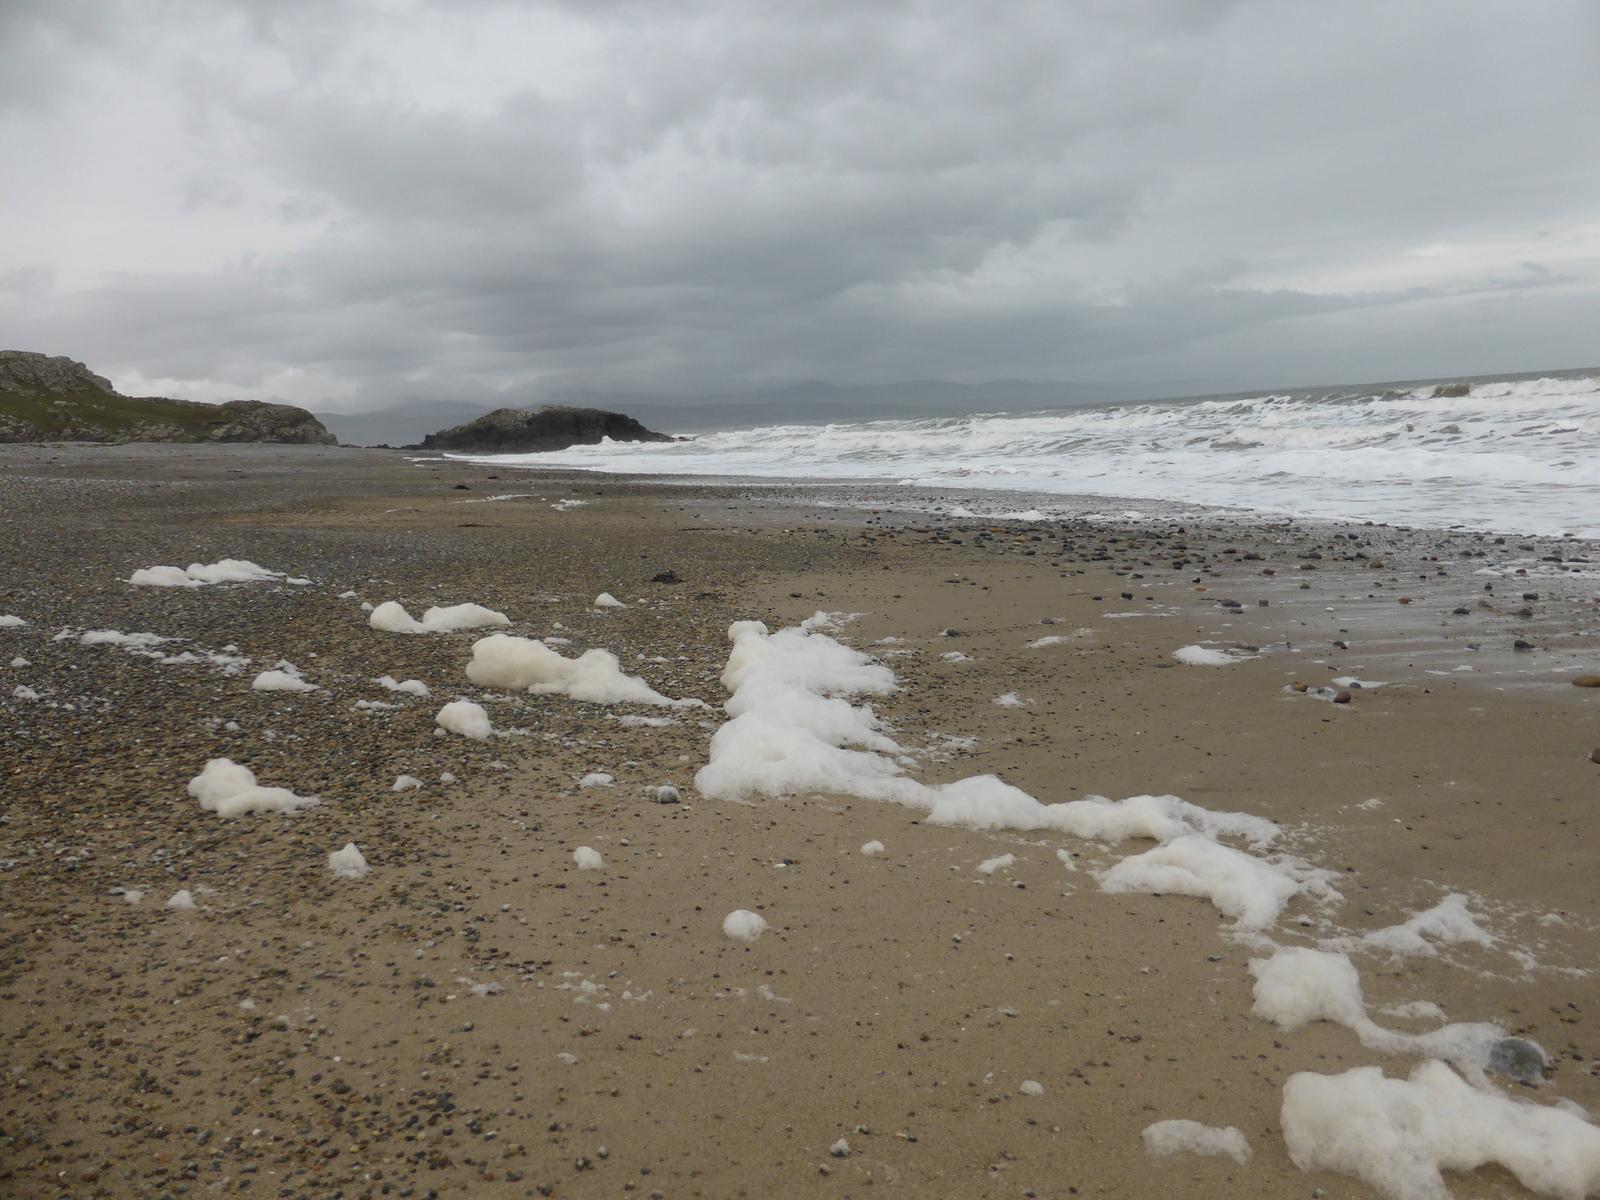 foam and shingle on the beach